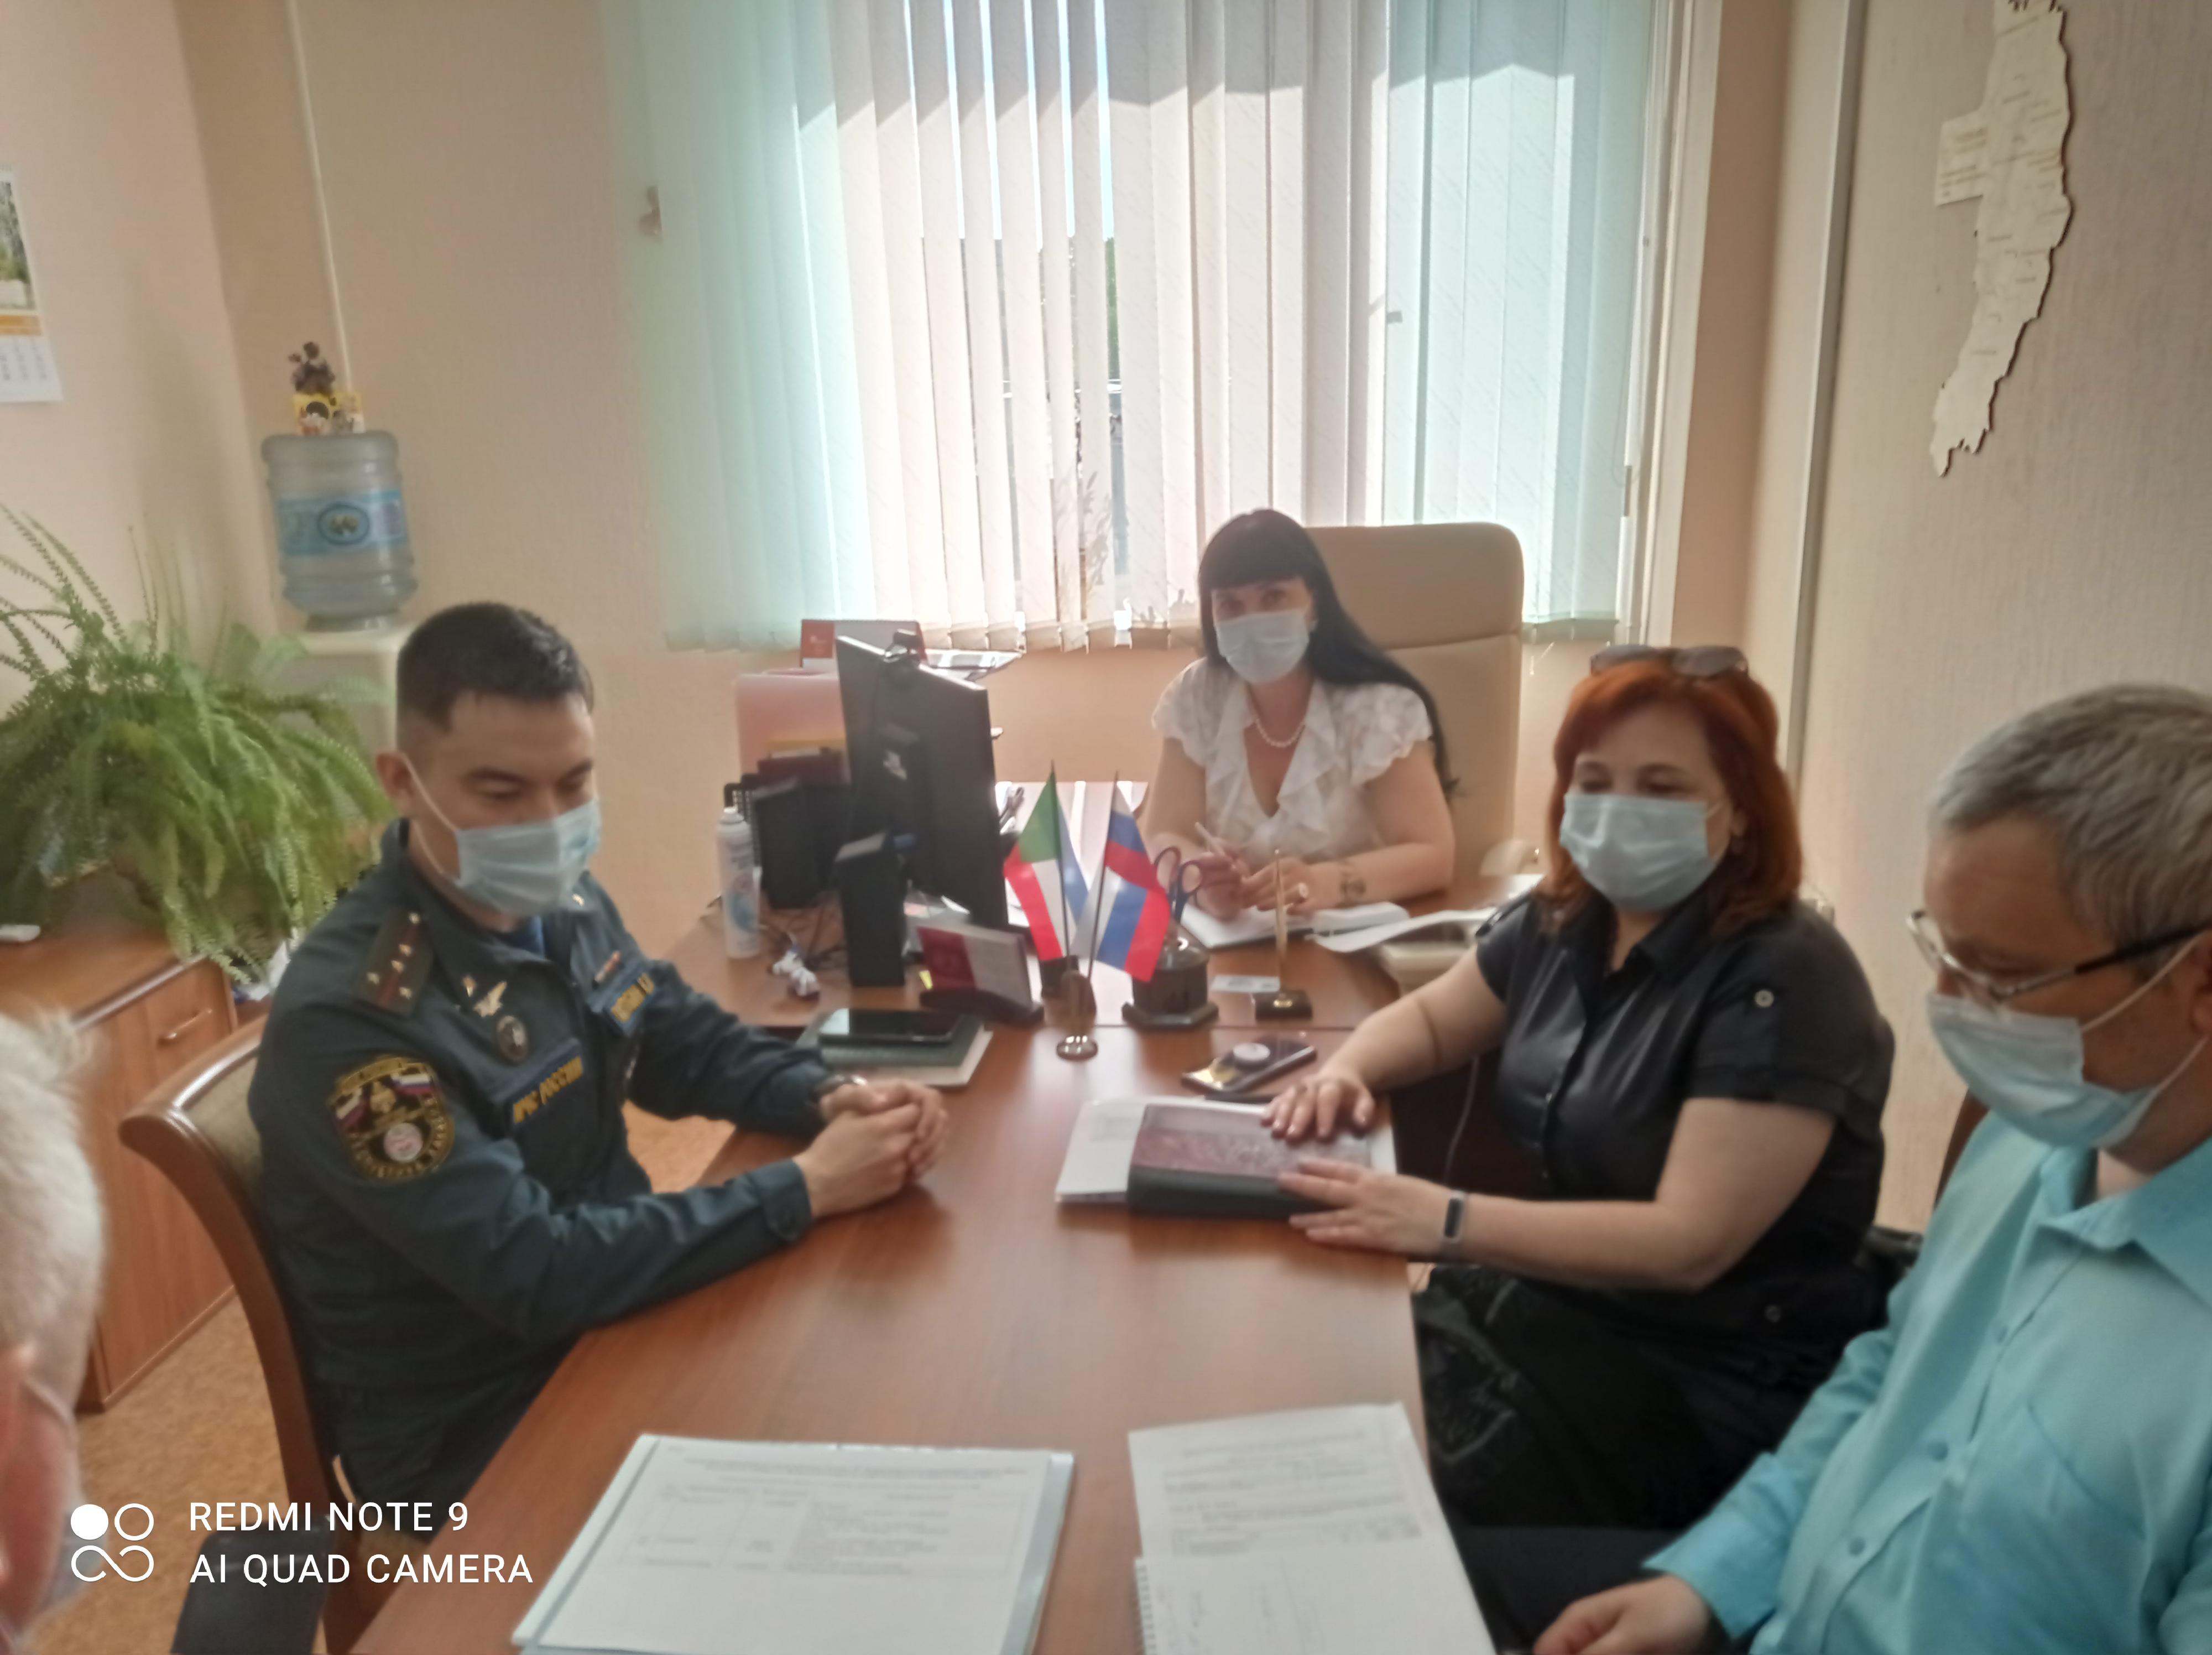 Сегодня, 25.05 прошло заседание оргкомитета по направлению команд на XV Межрегиональные соревнования «Школа безопасности», Сибирский федеральный округ